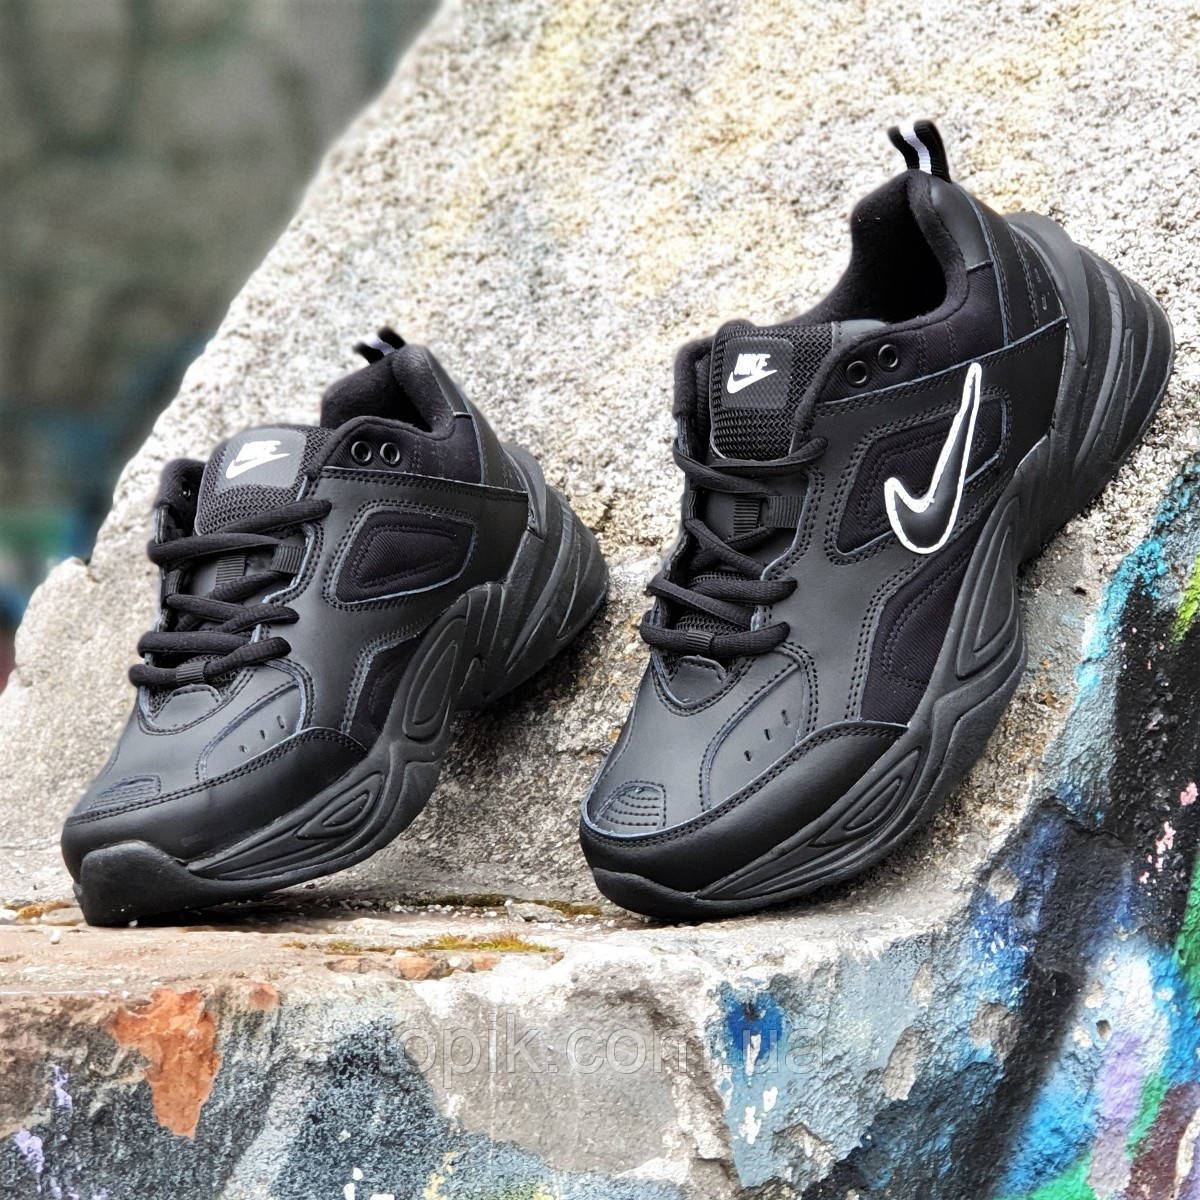 Кроссовки мужские кожаные черные модные Monarch (Teknoа) на толстой подошве, пенка легкие (Код: 1404а)